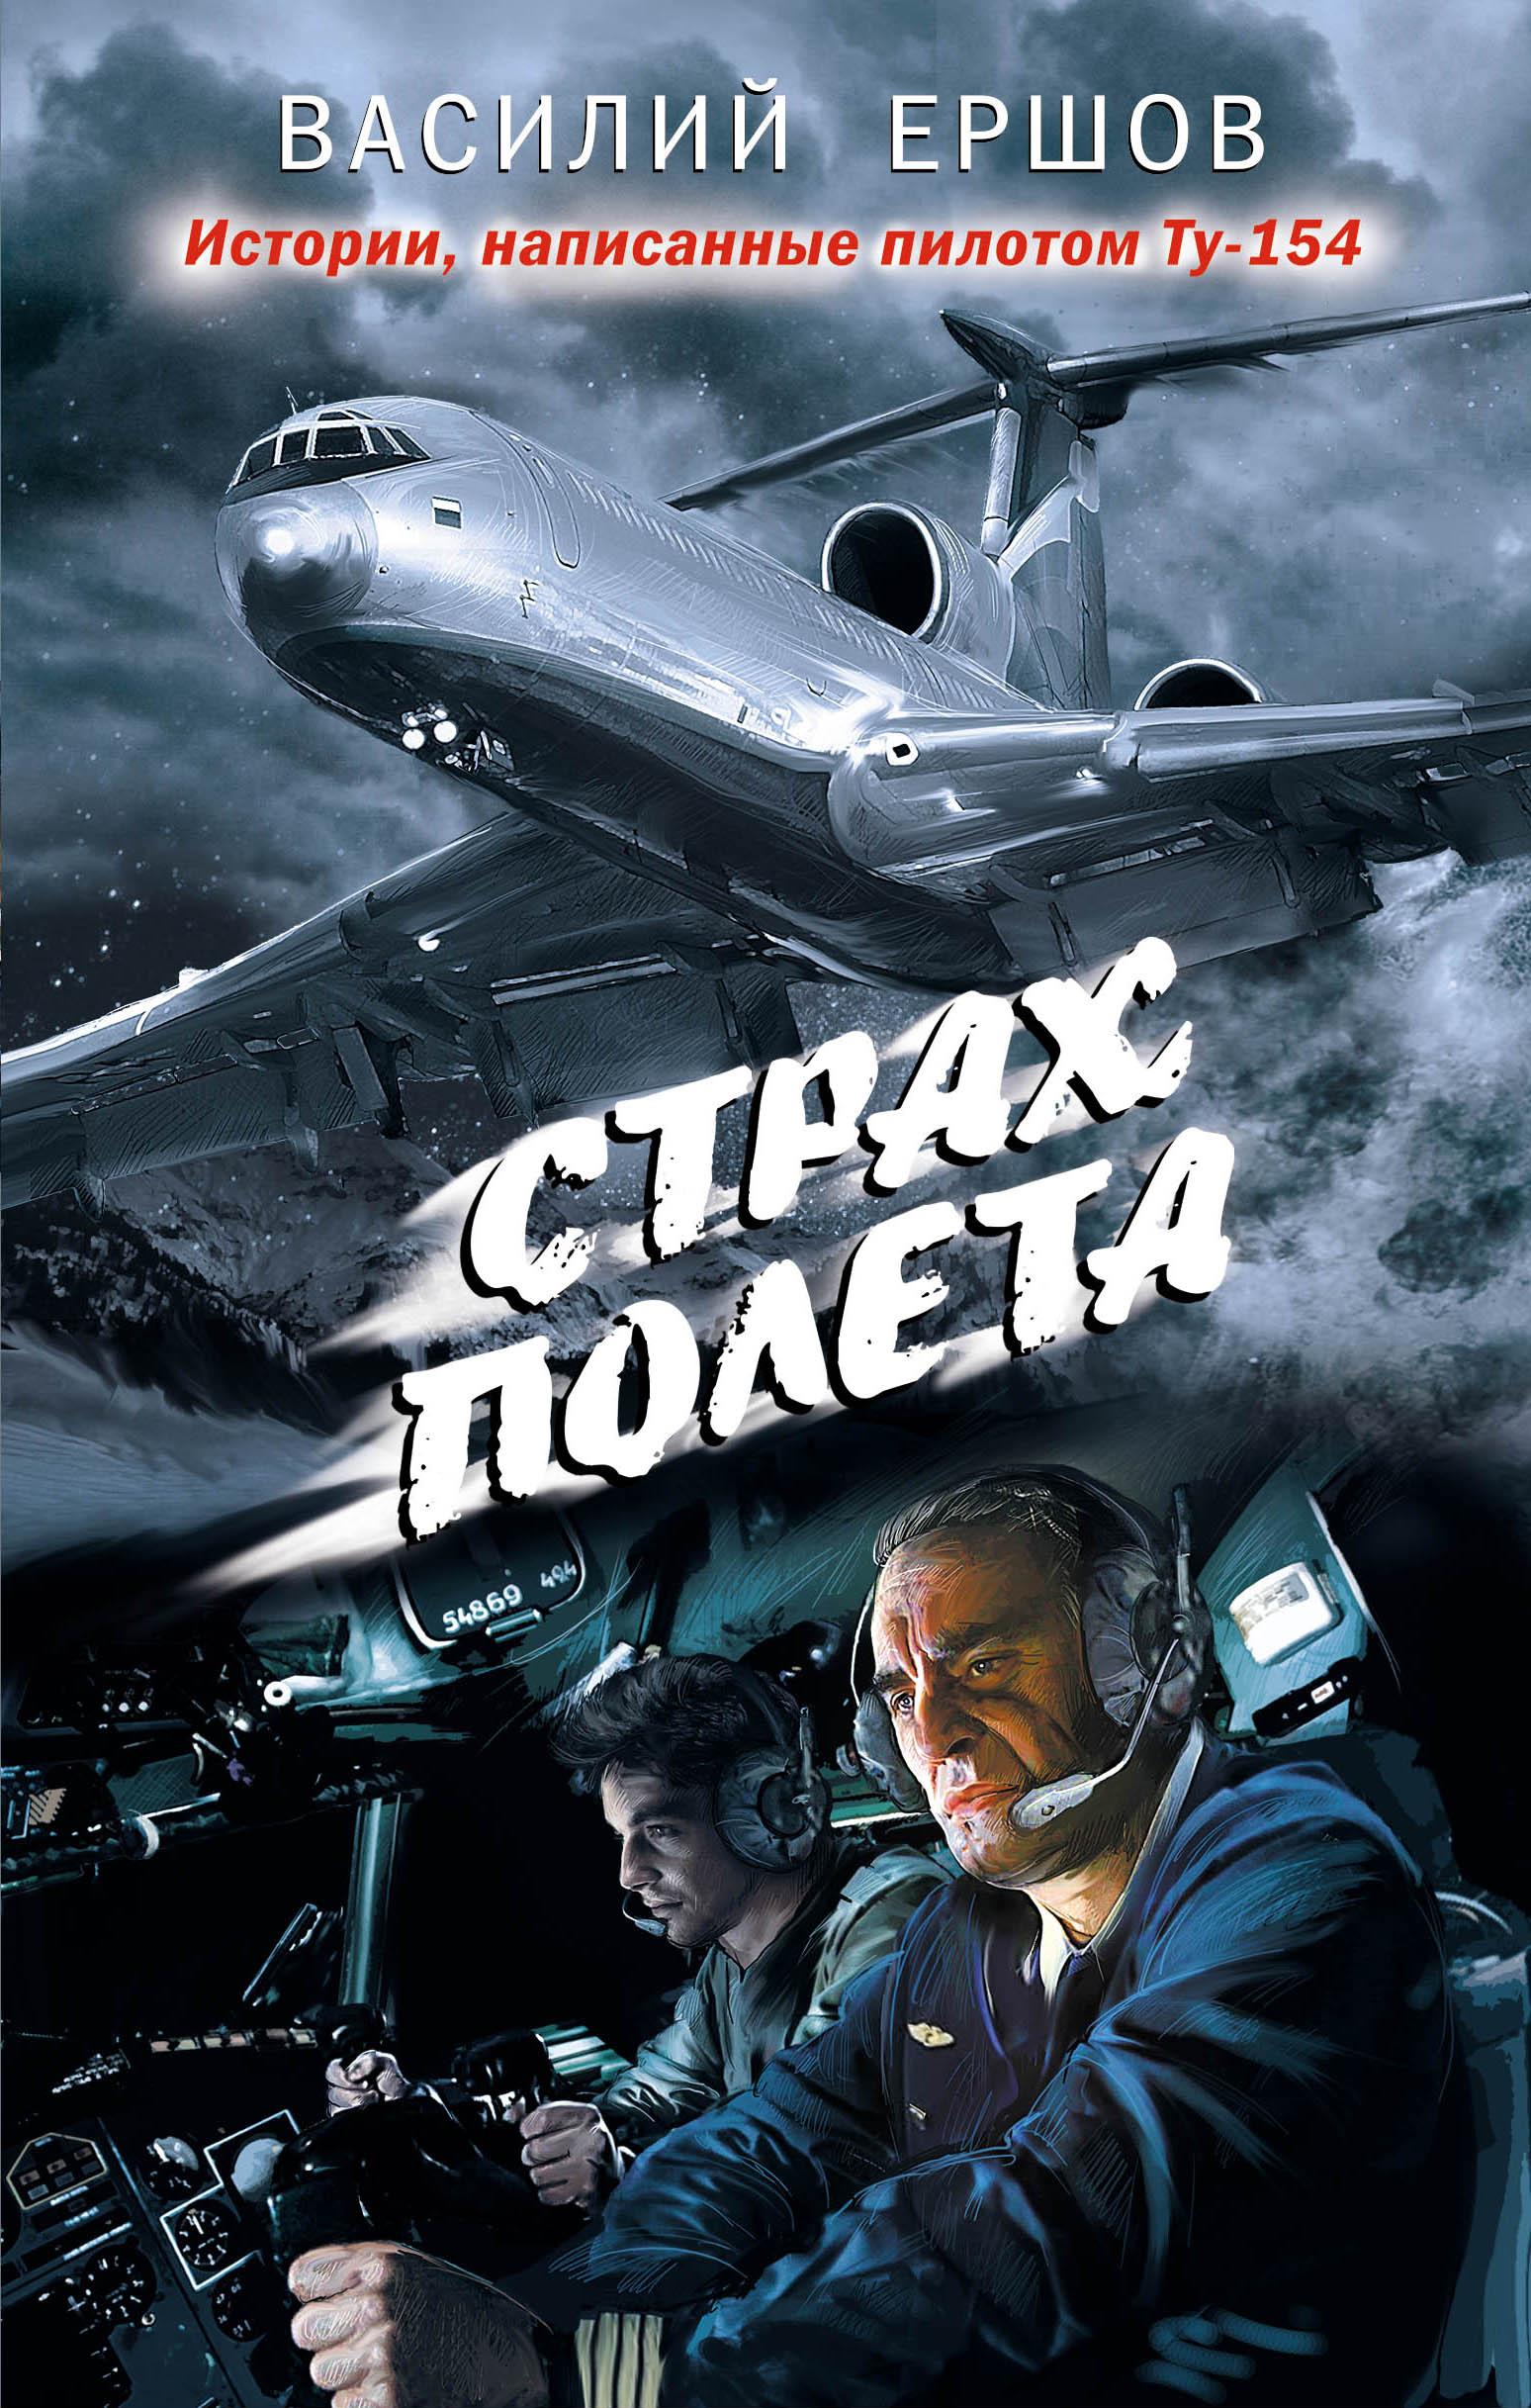 Страх полета. Василий Ершов